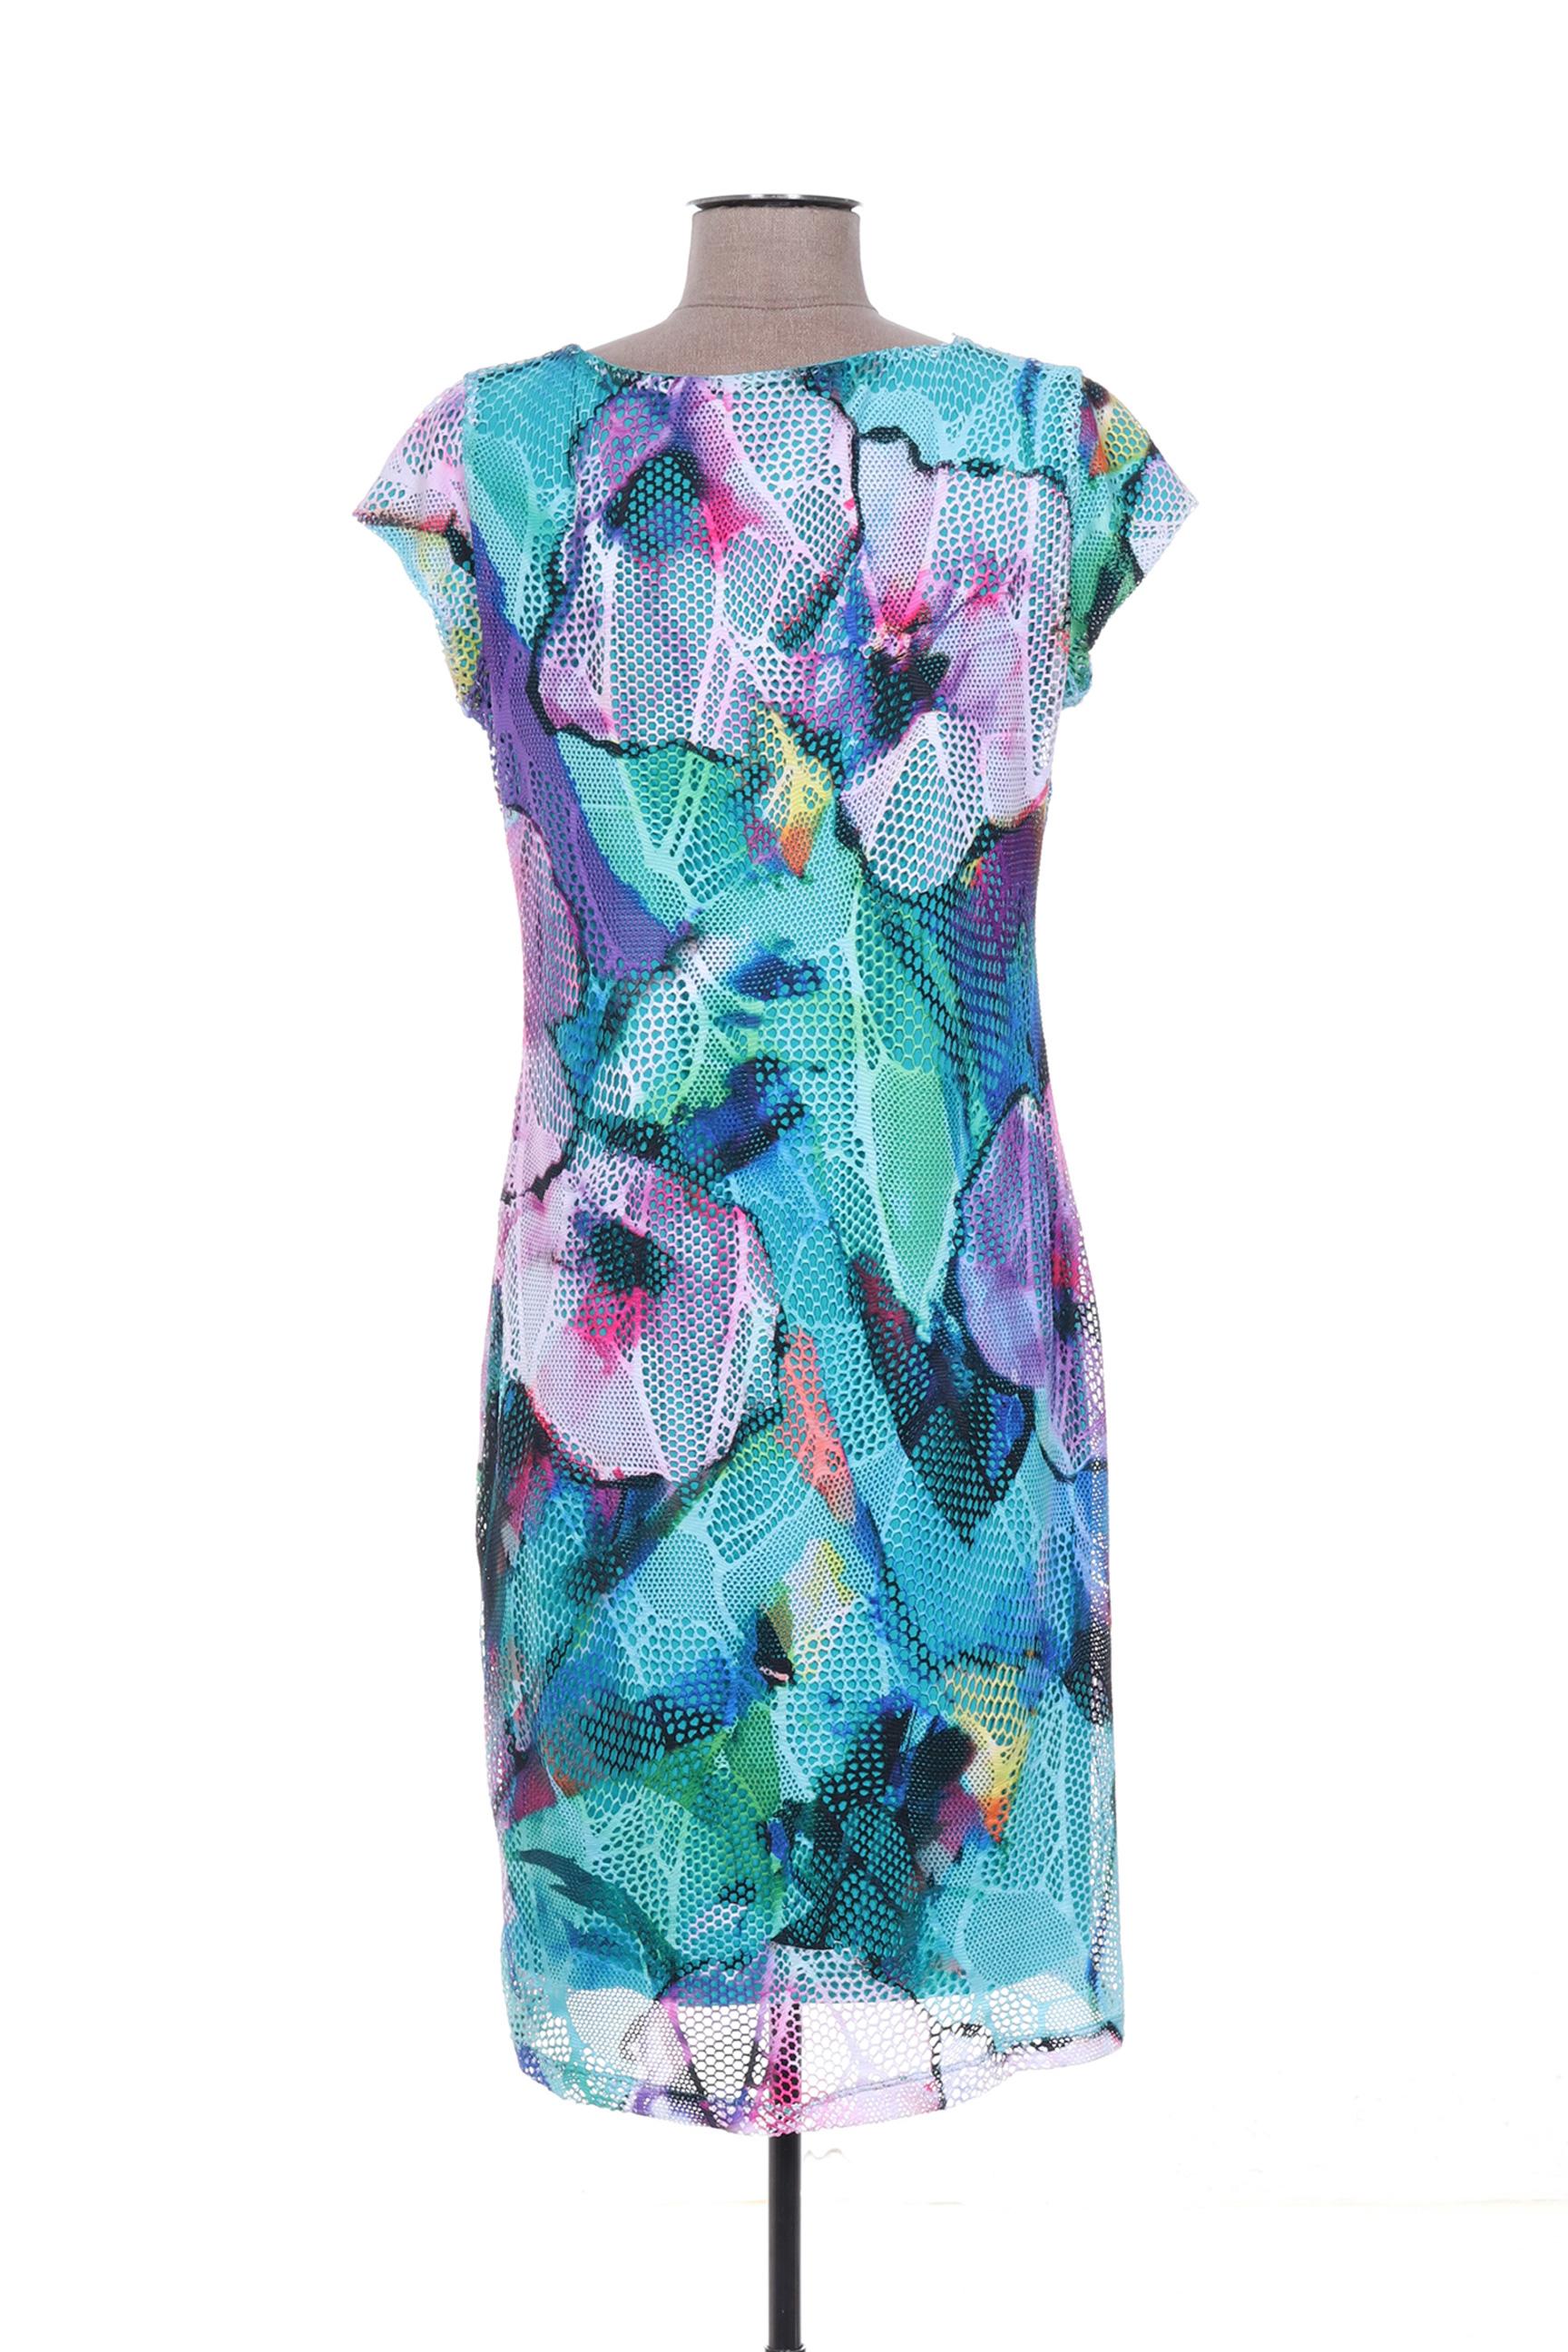 Arona San Francisco Robes Mi Longues Femme De Couleur Bleu En Soldes Pas Cher 1363936-bleu00